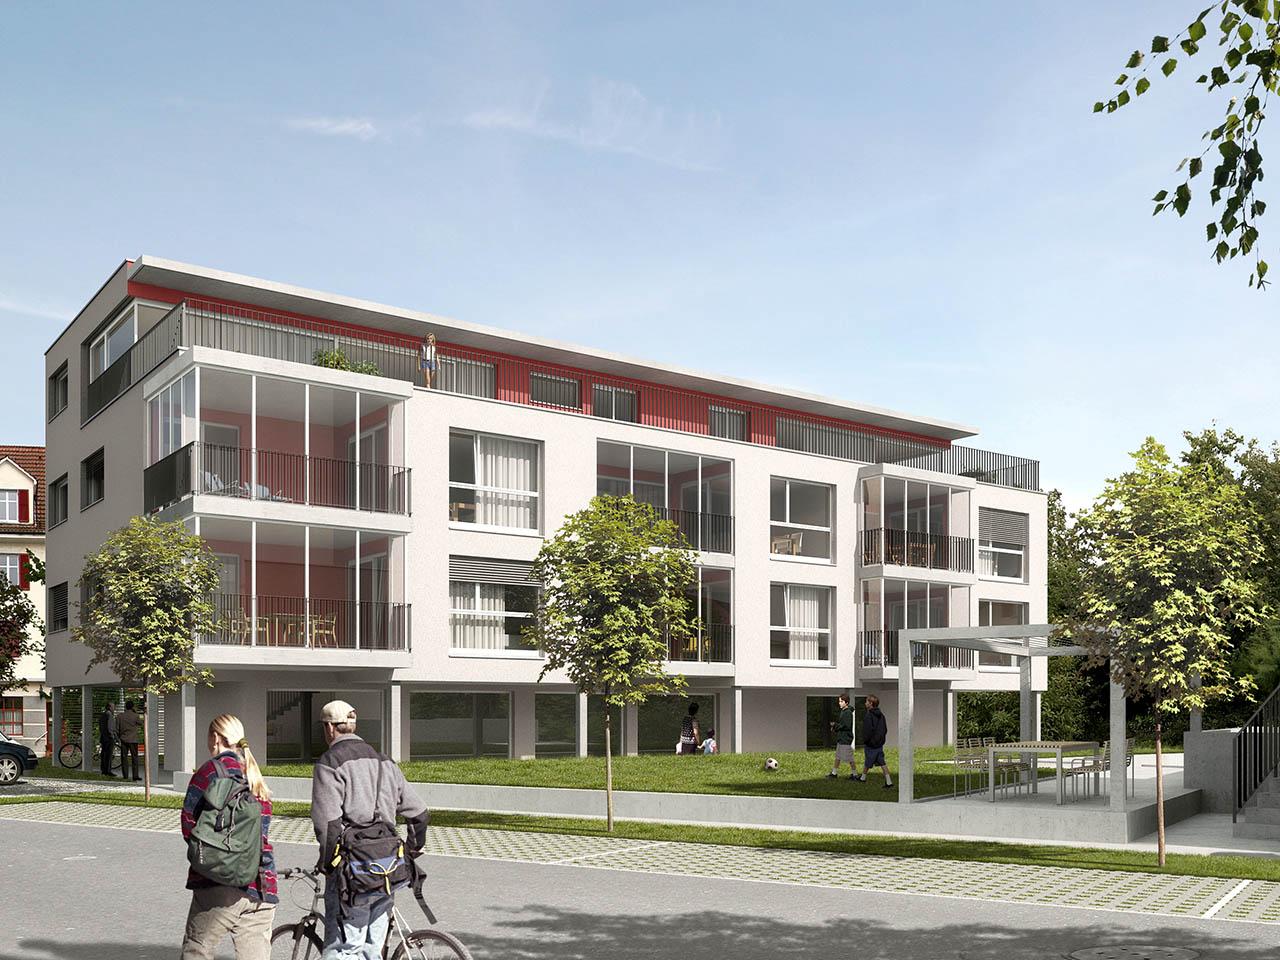 laubhus-architektur-wohnueberbauung-gewerbe-trimbach